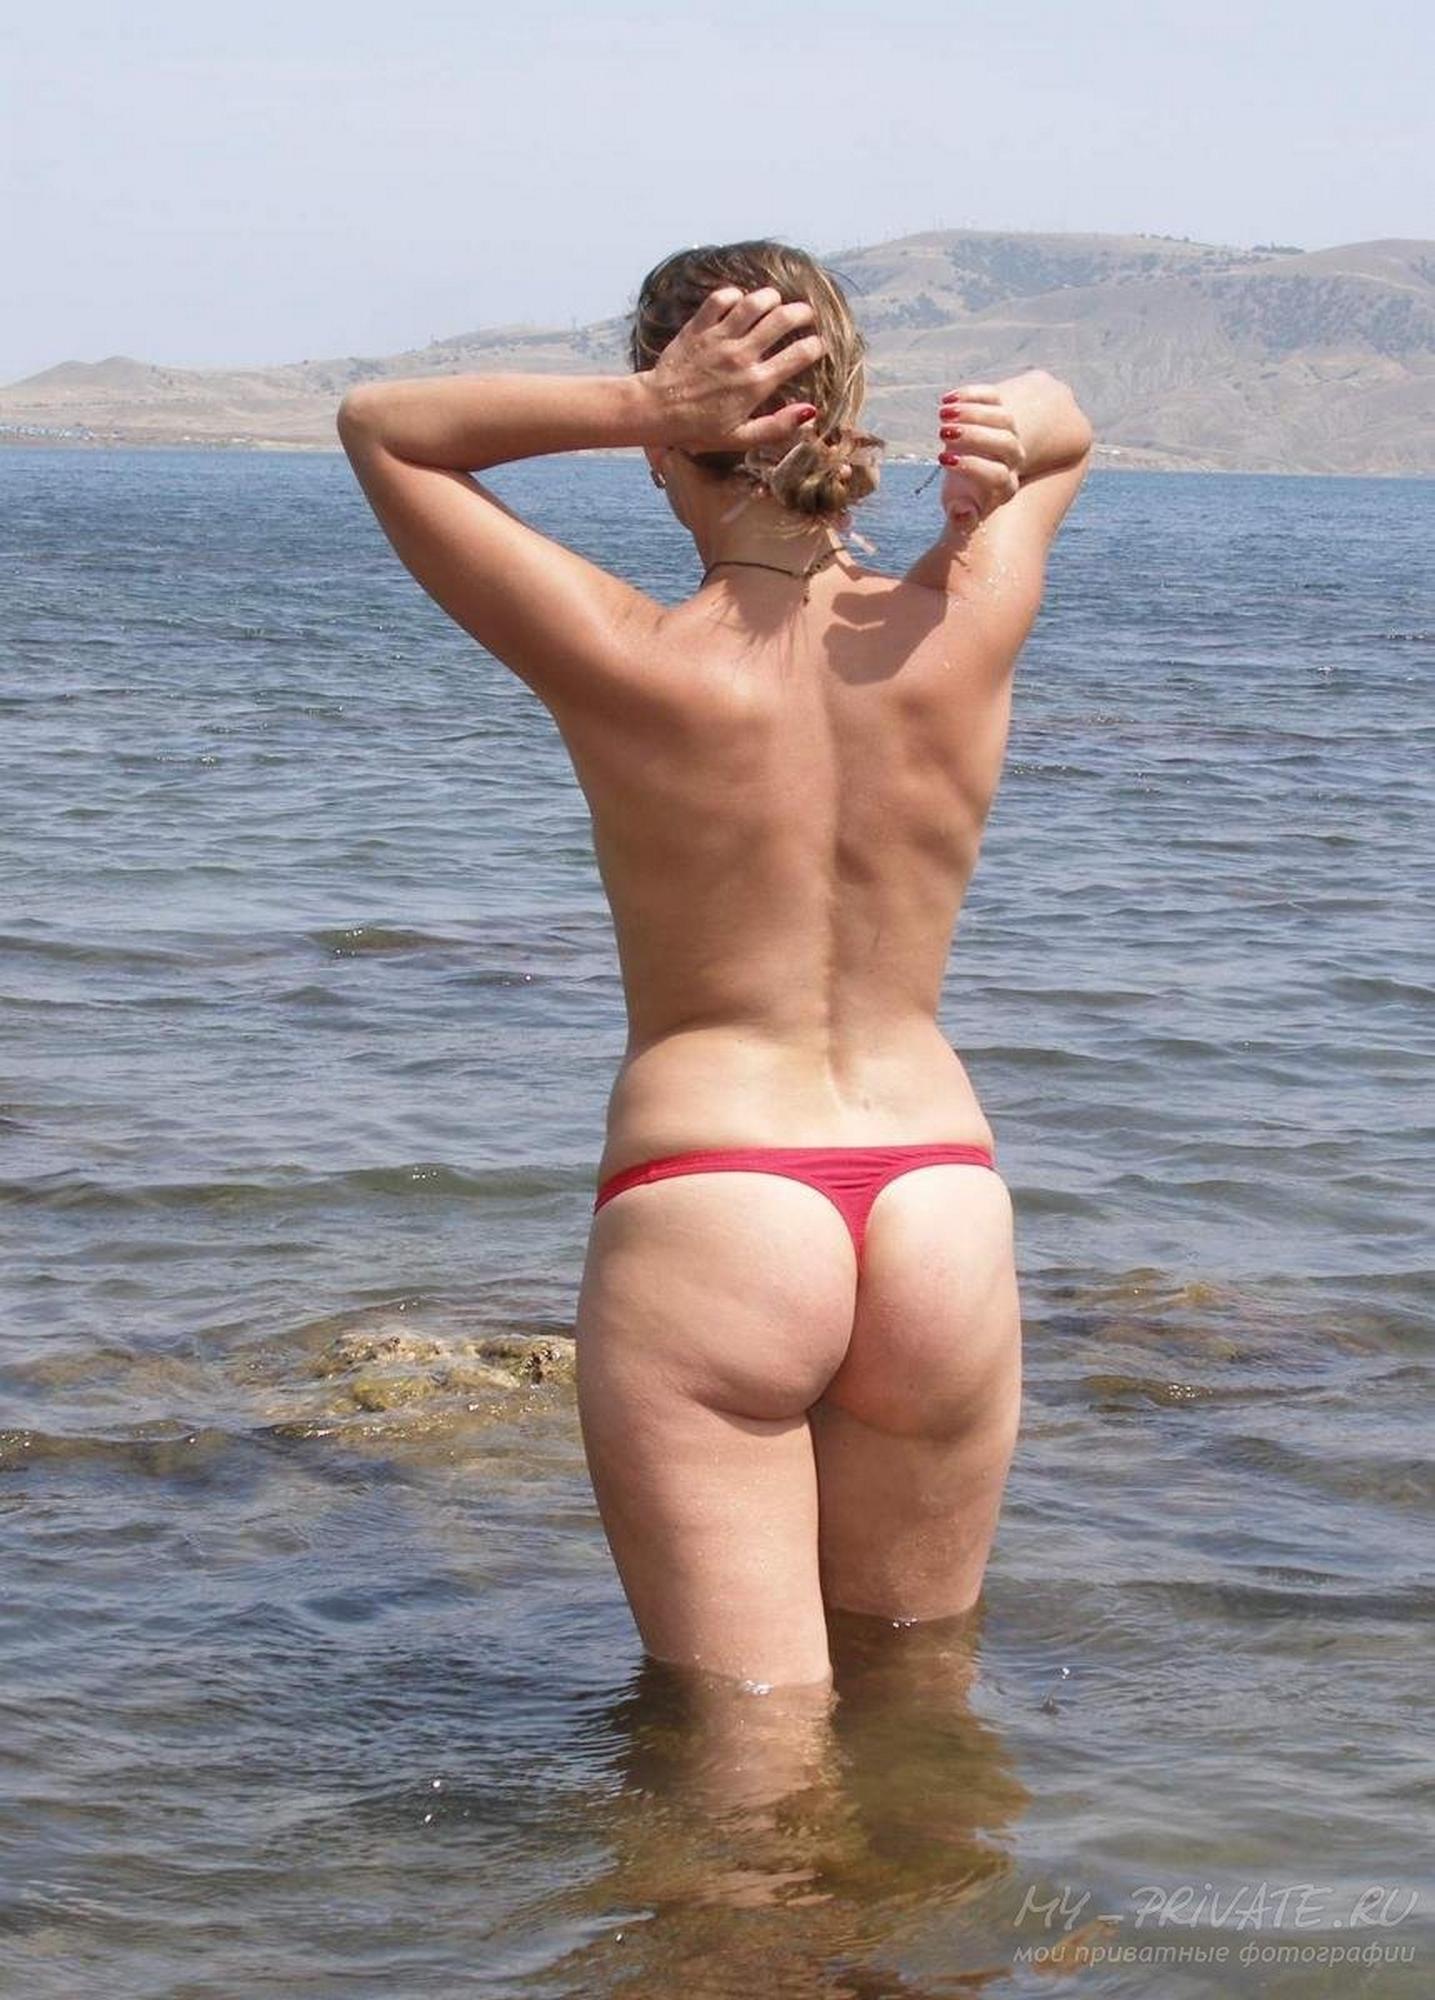 Тетка в свободное время обнажает лохматую вагину секс фото